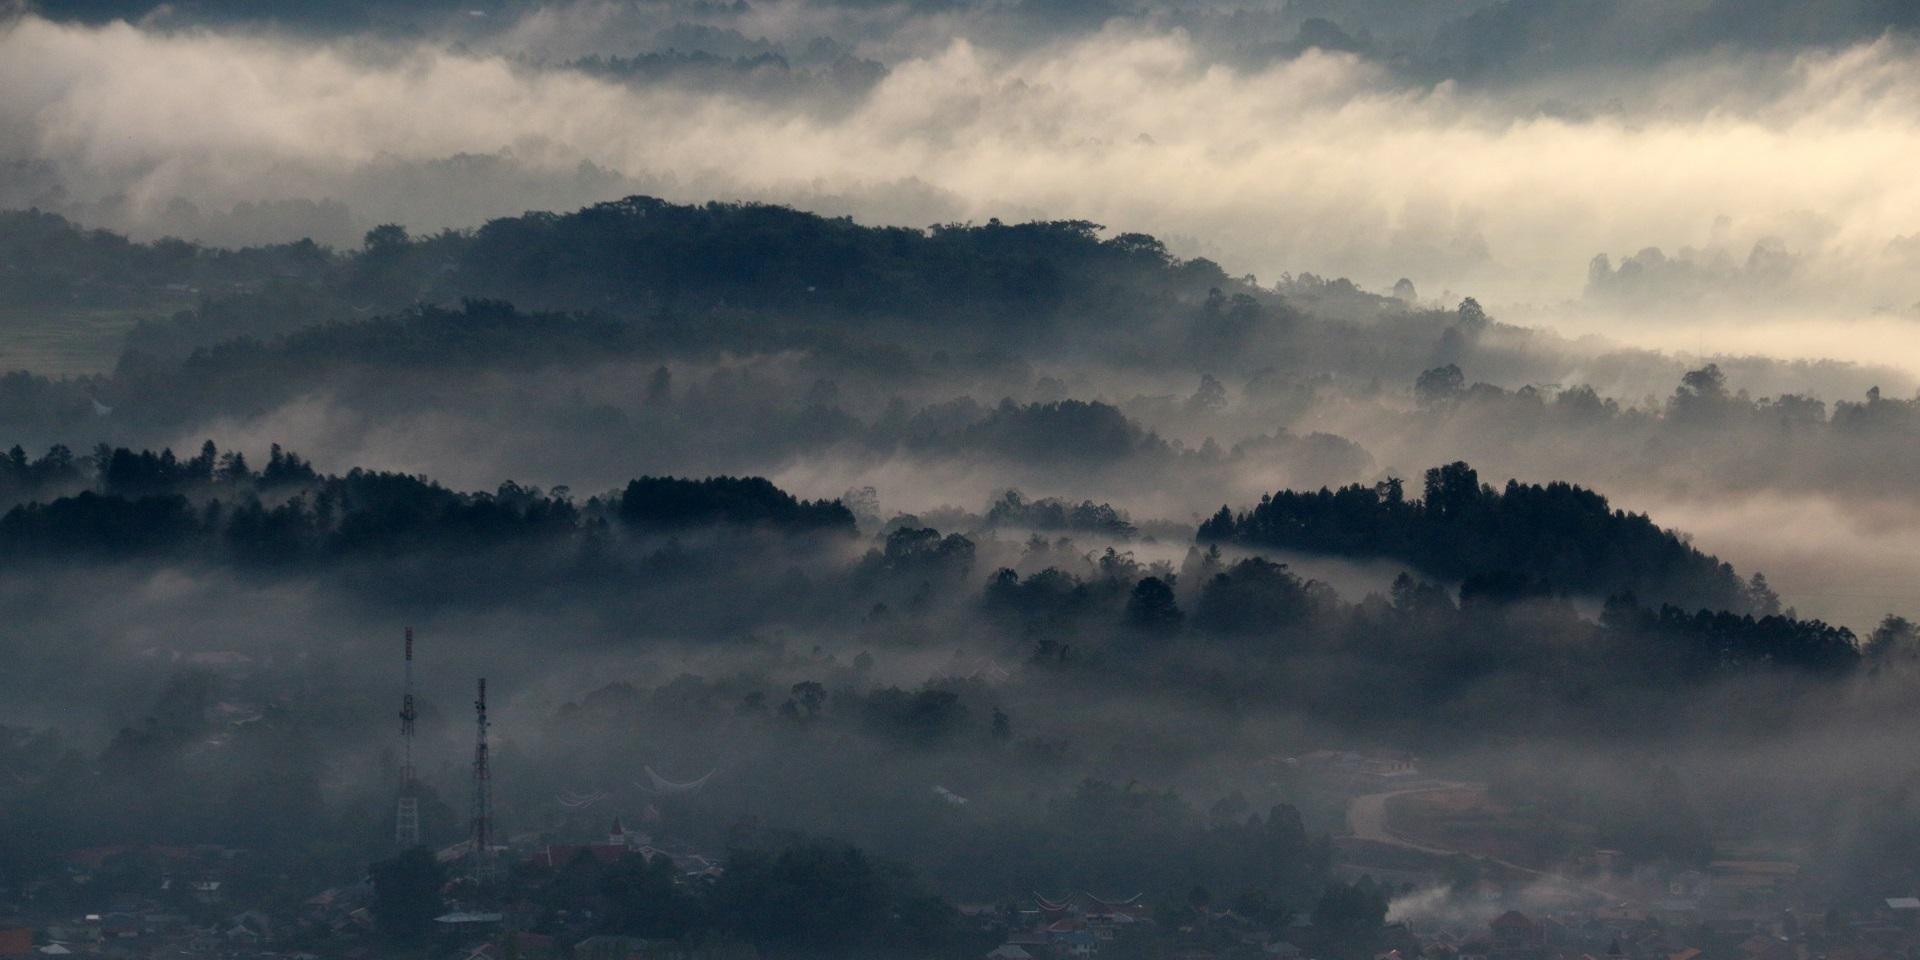 Hình ảnh mây và sương mù u tối